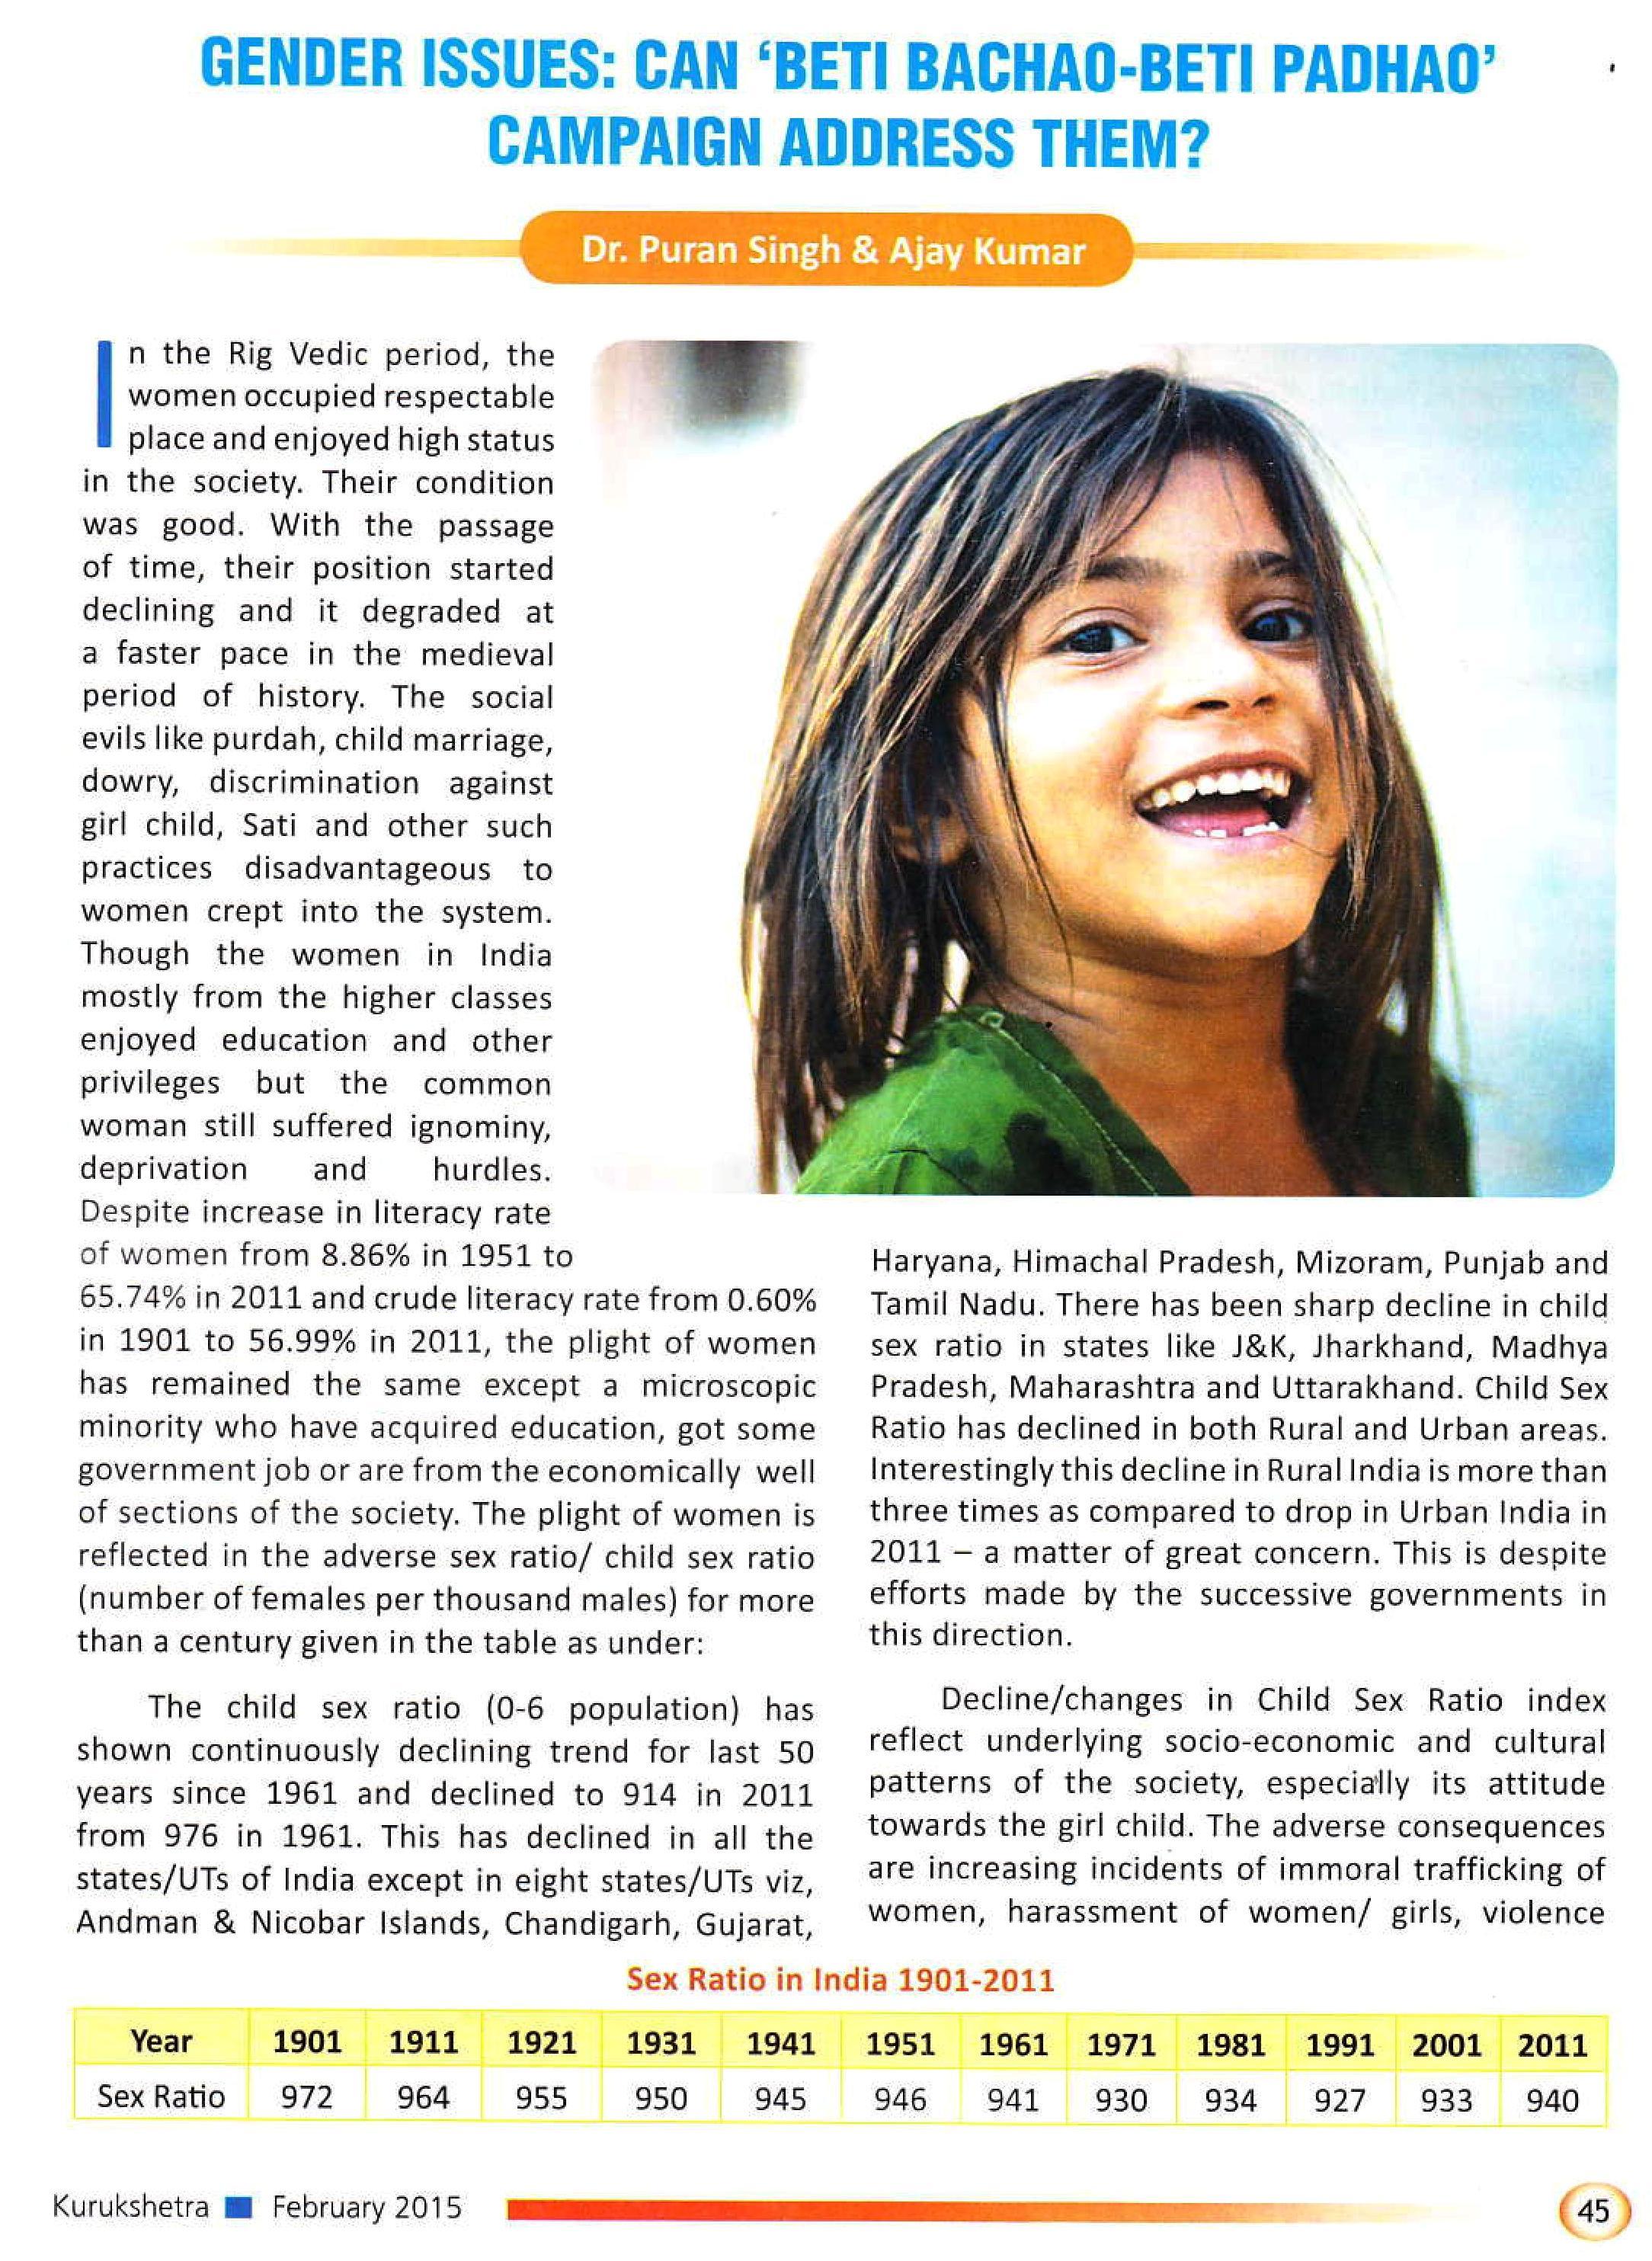 बेटी बचाओ बेटी पढ़ाओ निबंध- Beti Bachao Beti Padhao Essay